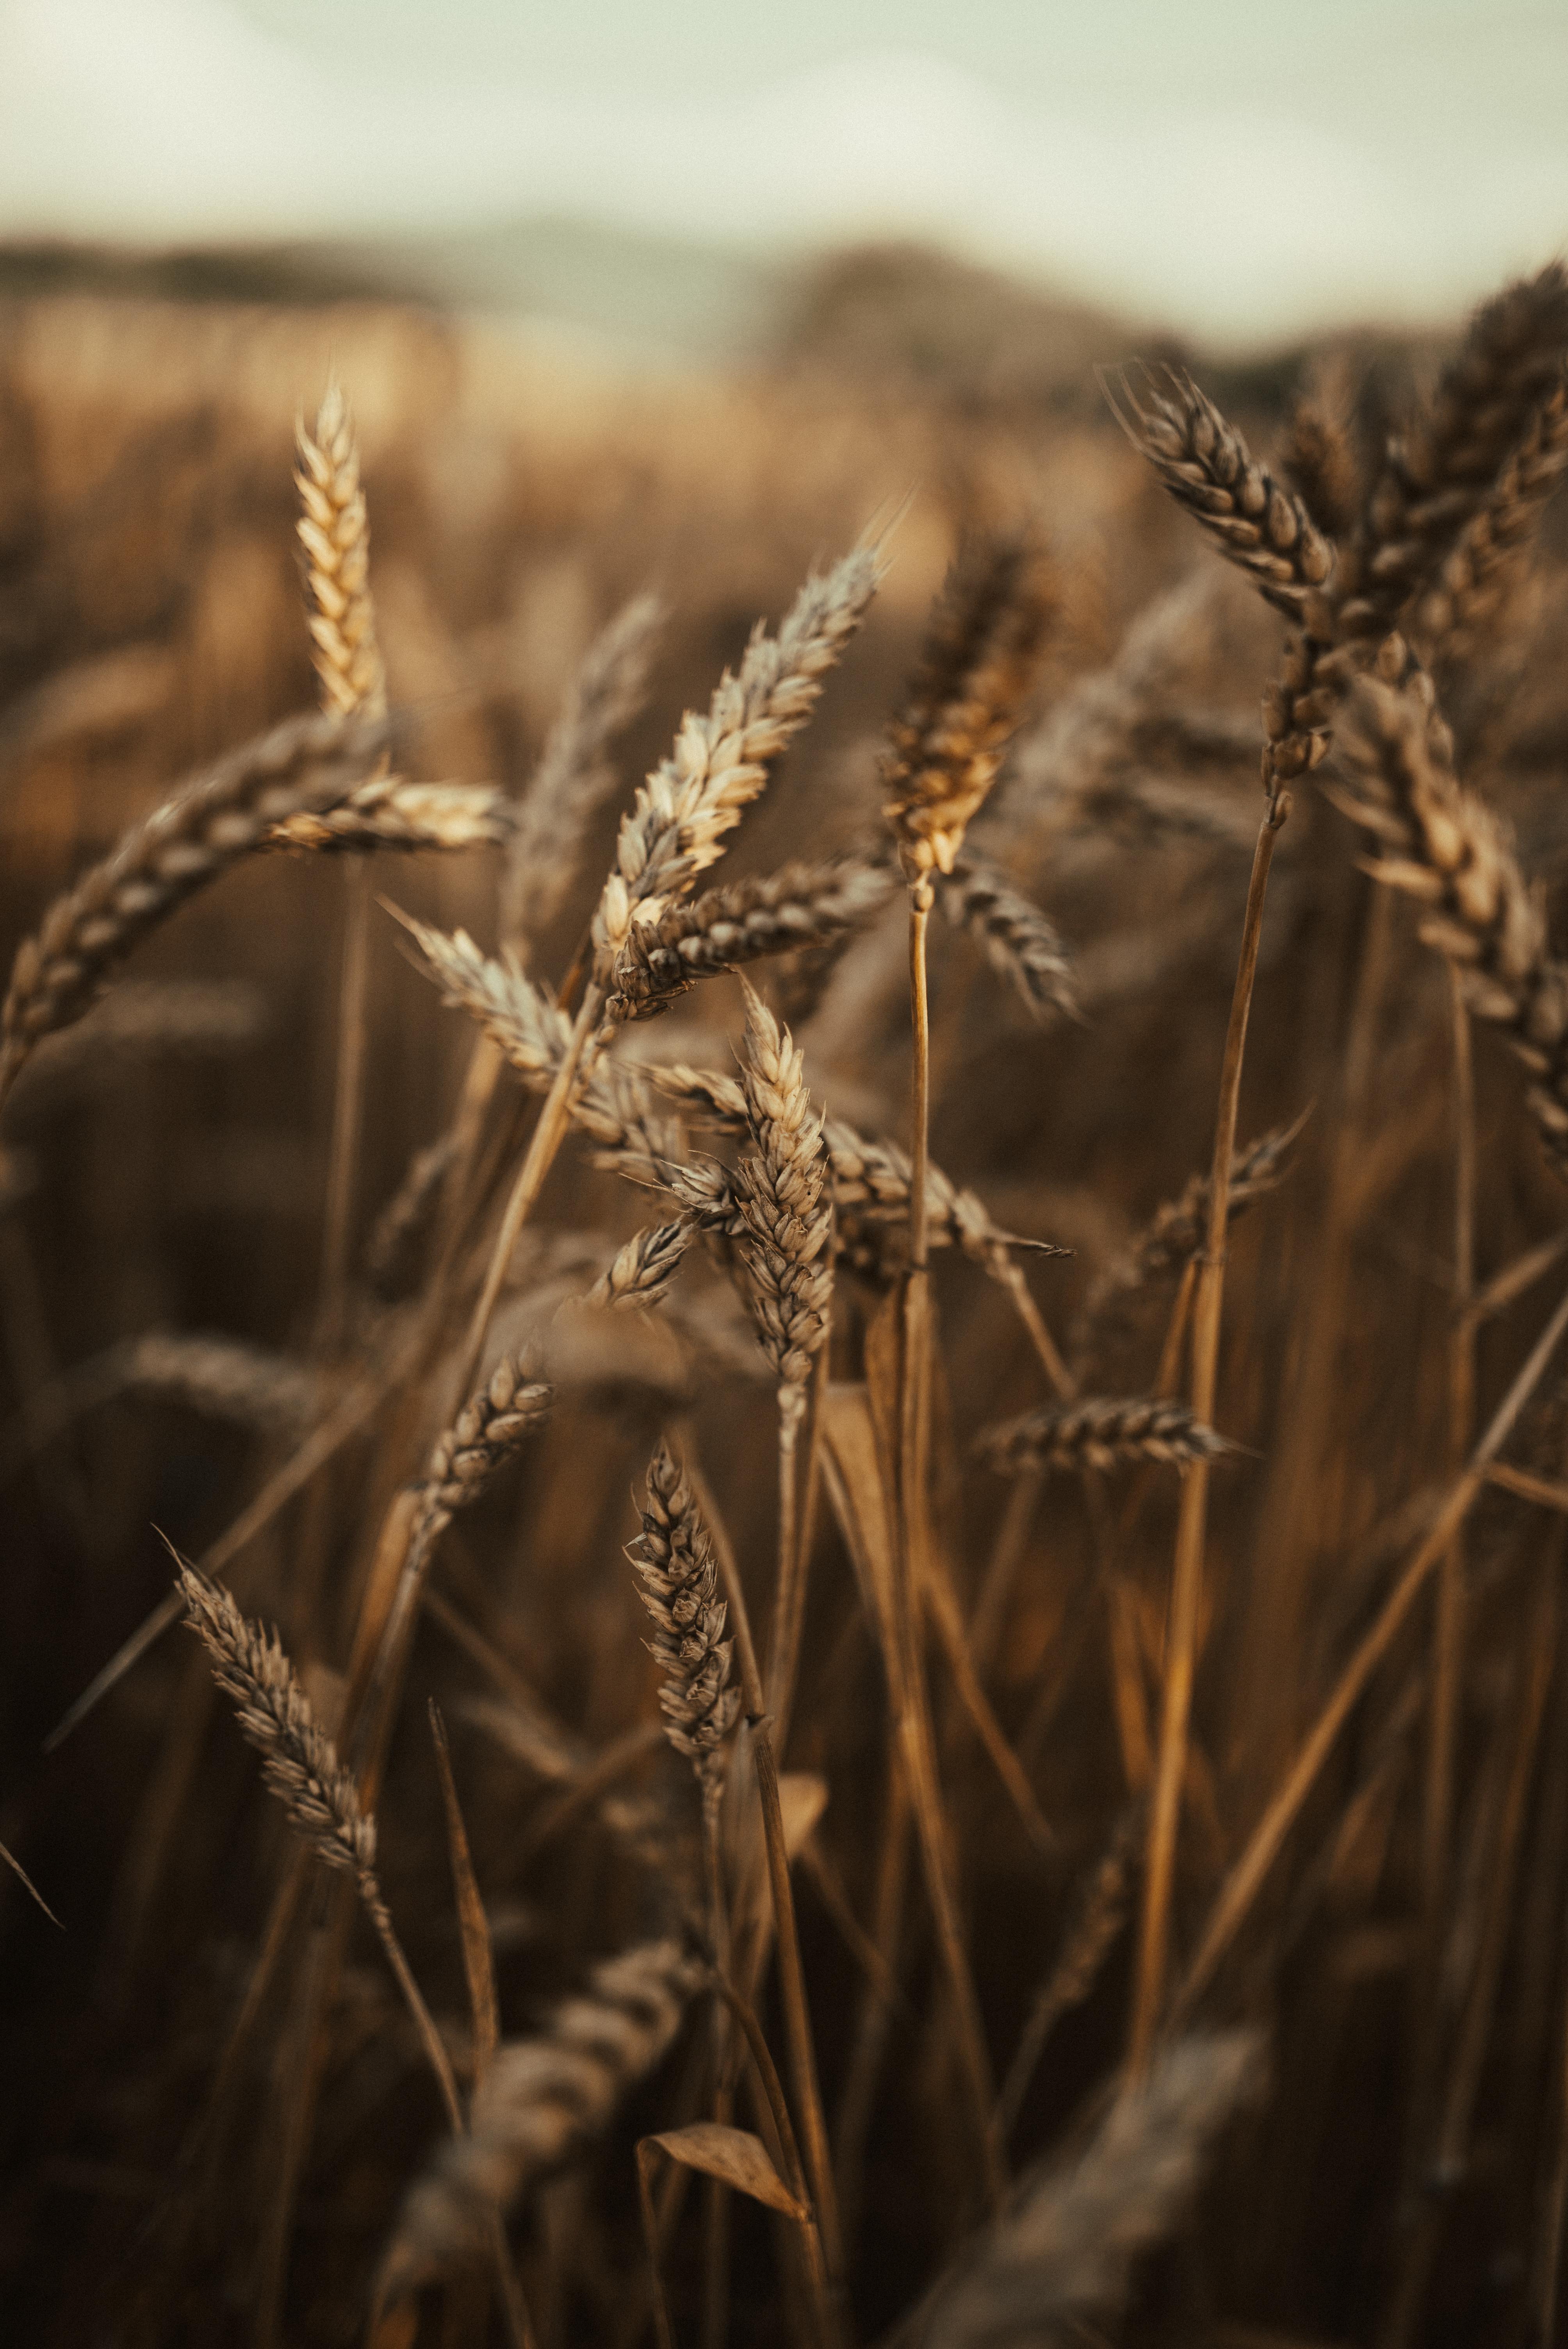 71695 скачать обои Природа, Колосья, Поле, Сухой, Трава, Пшеница - заставки и картинки бесплатно